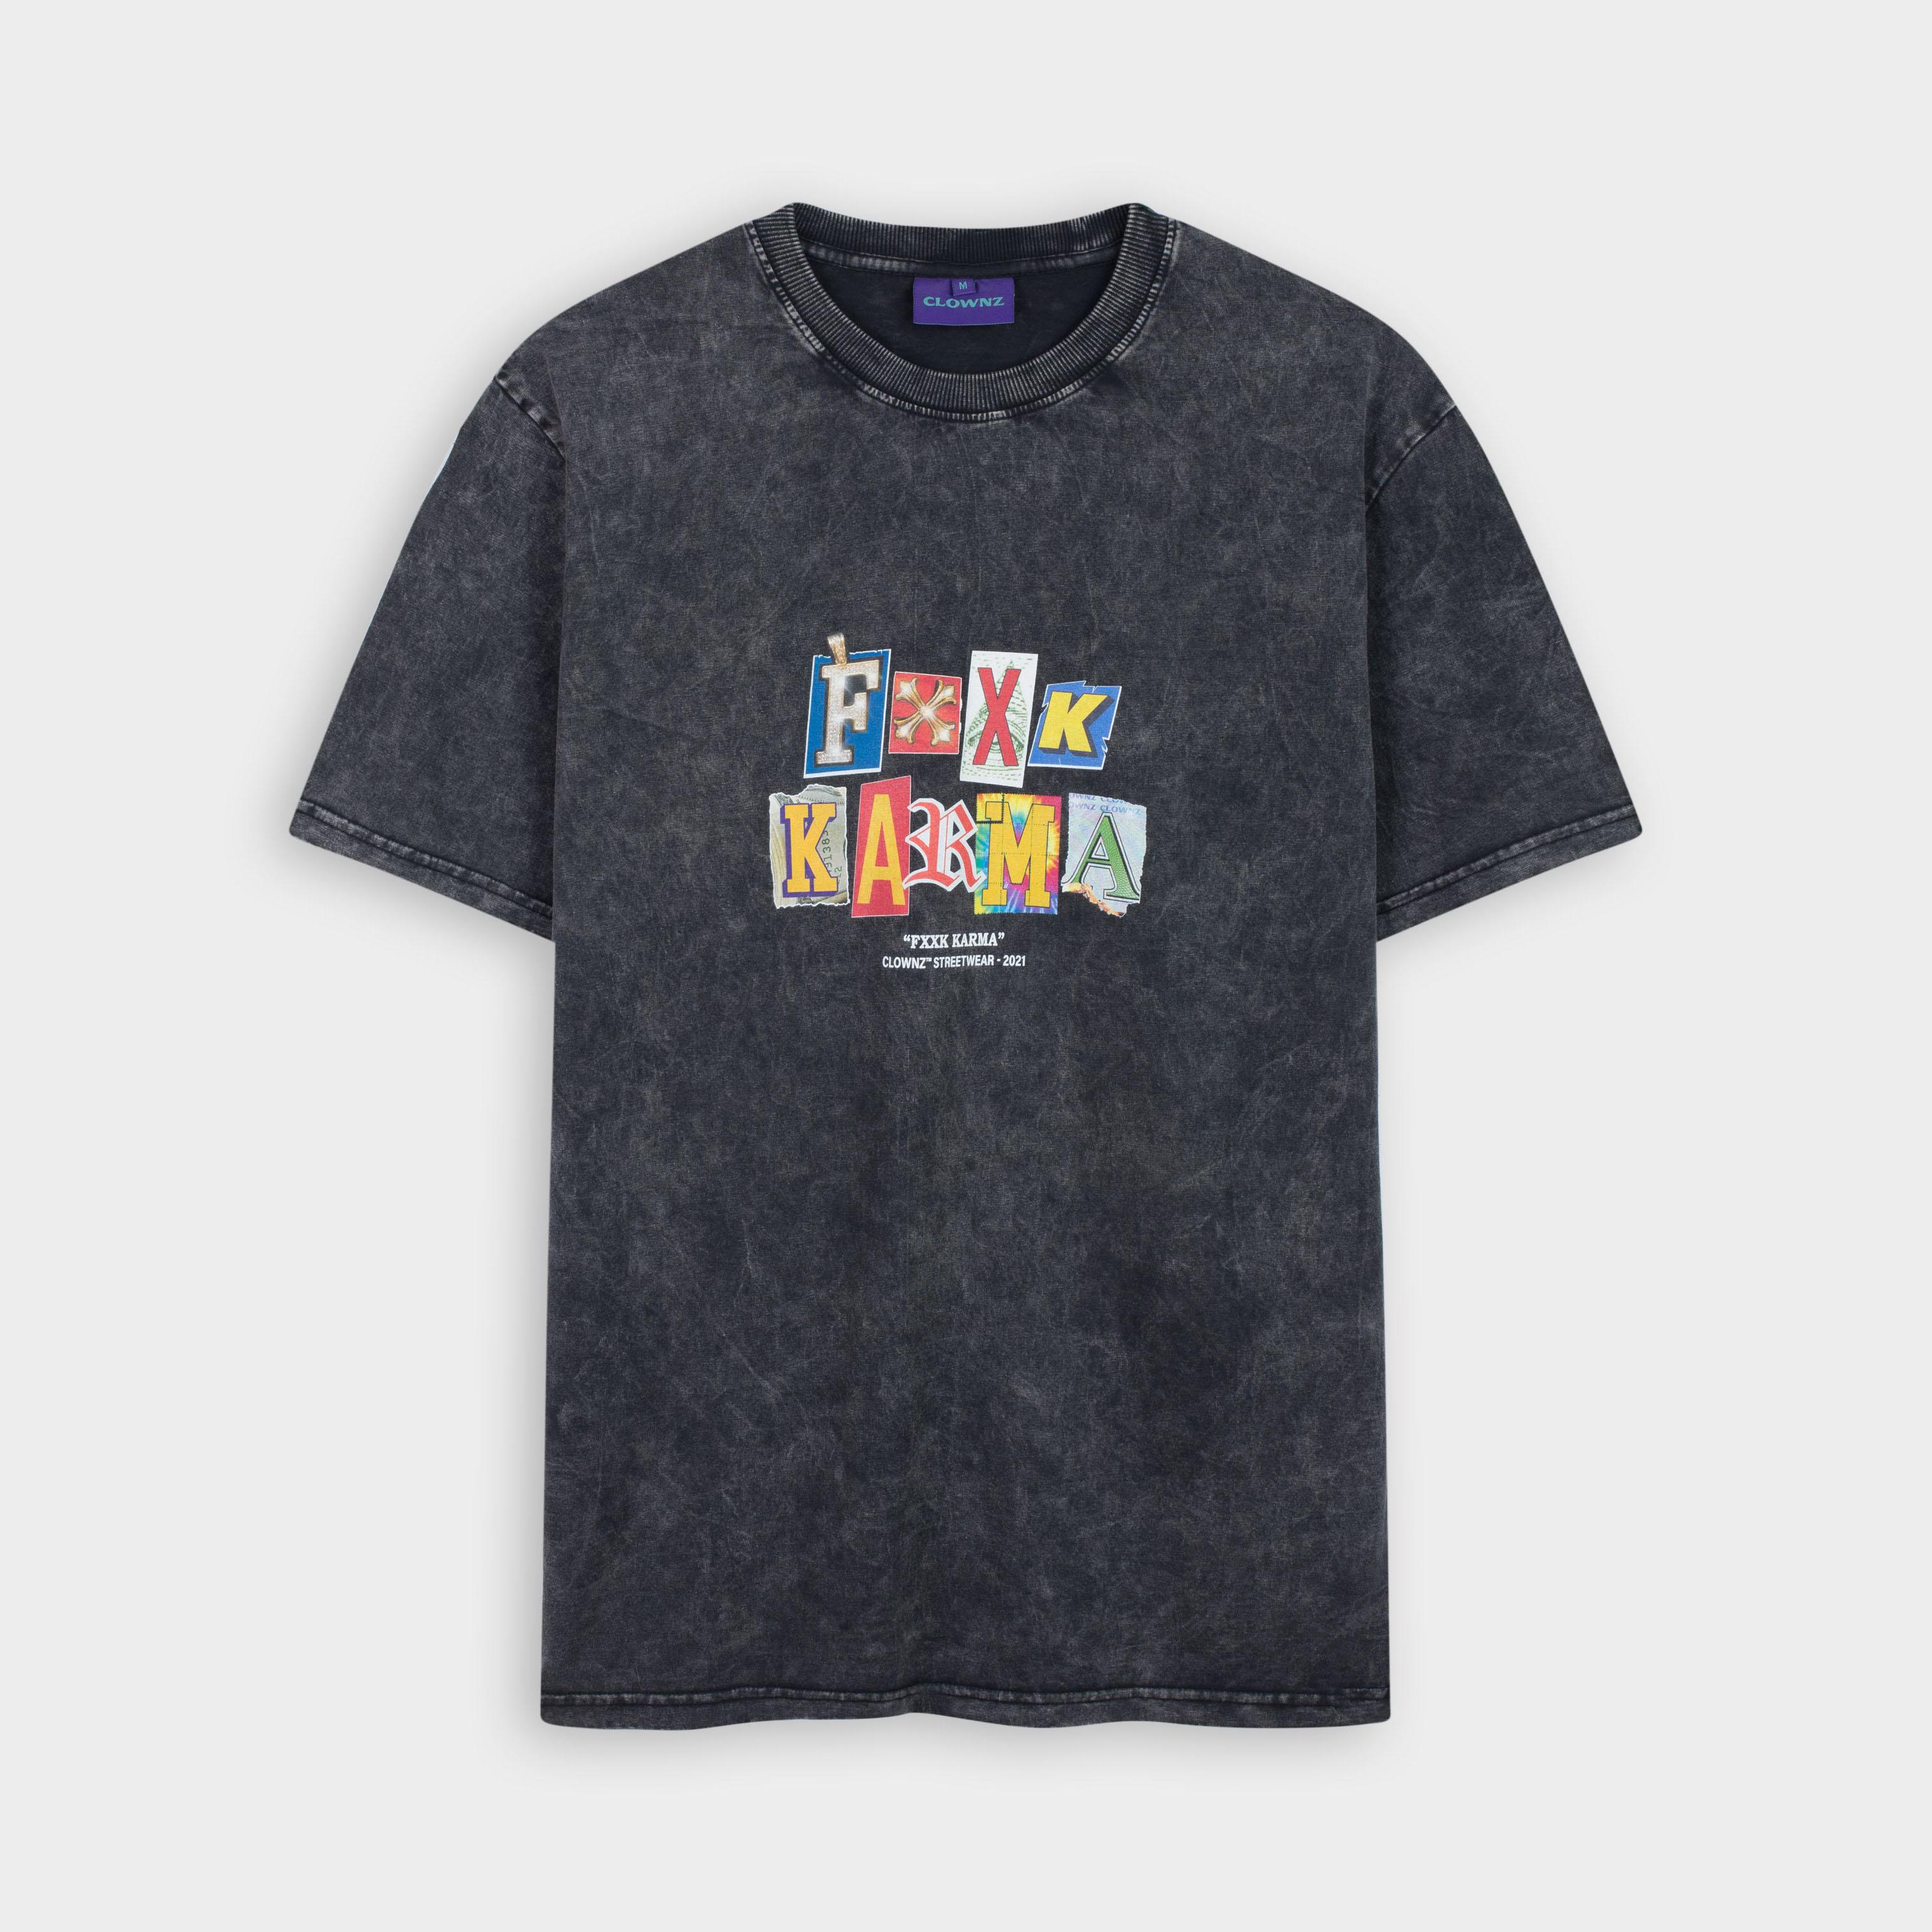 ClownZ Fxxk Karma Acid Washed T-shirt